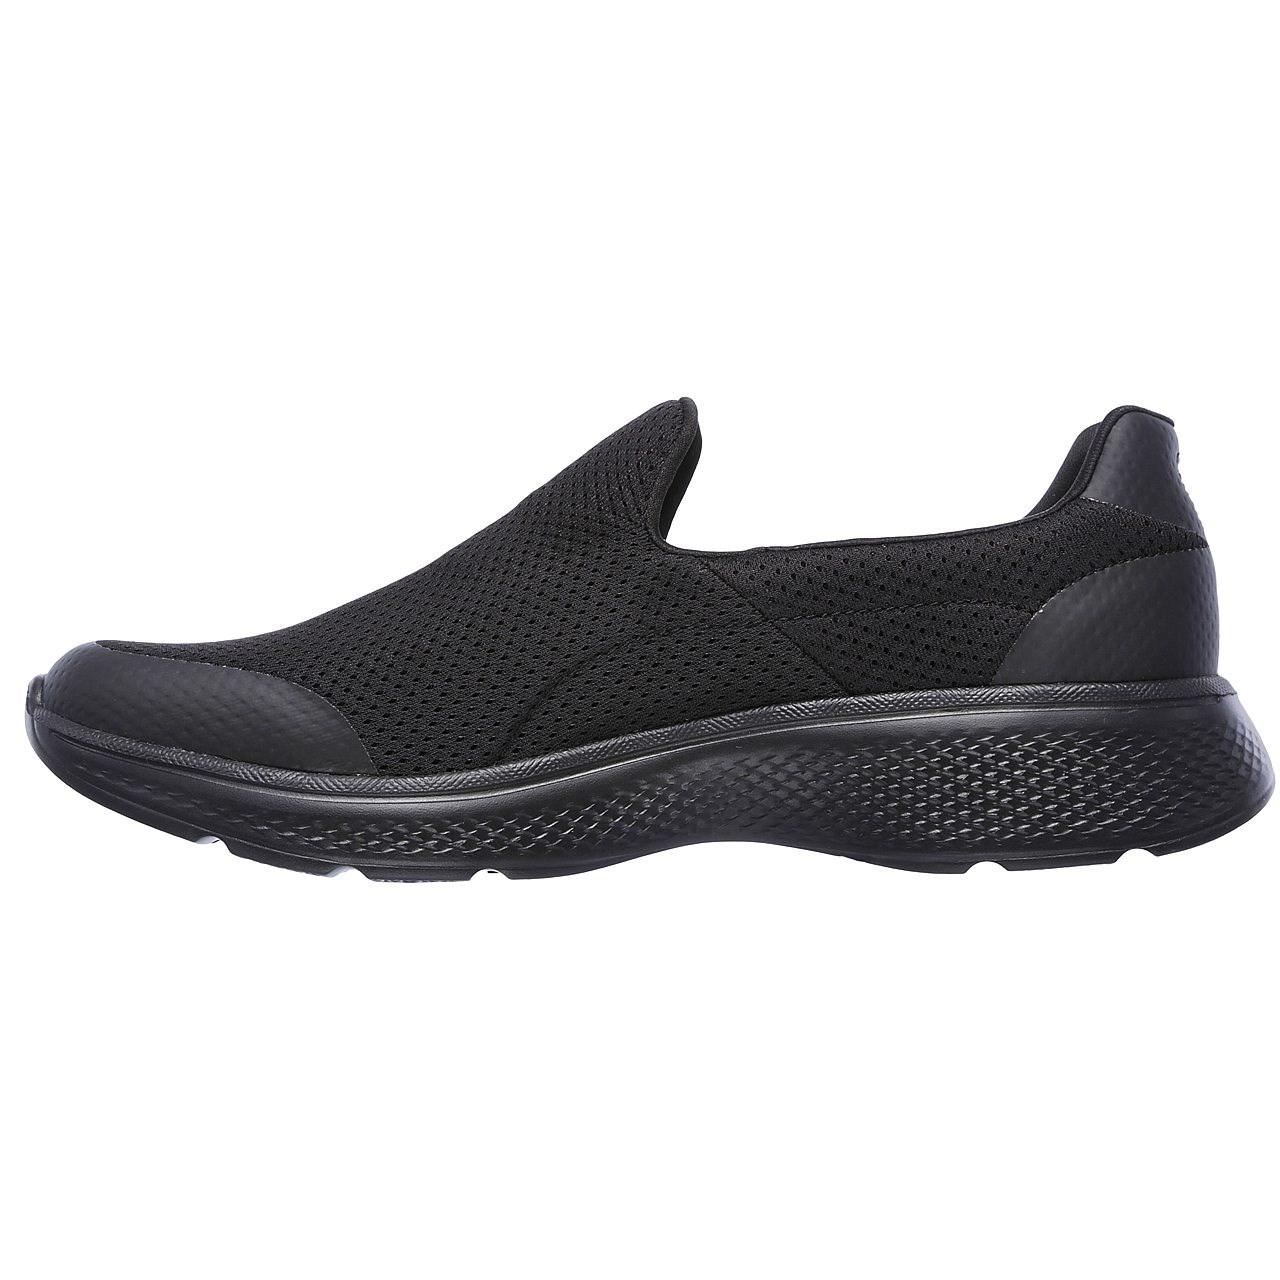 قیمت کفش راحتی مردانه اسکچرز مدل 54152BBK